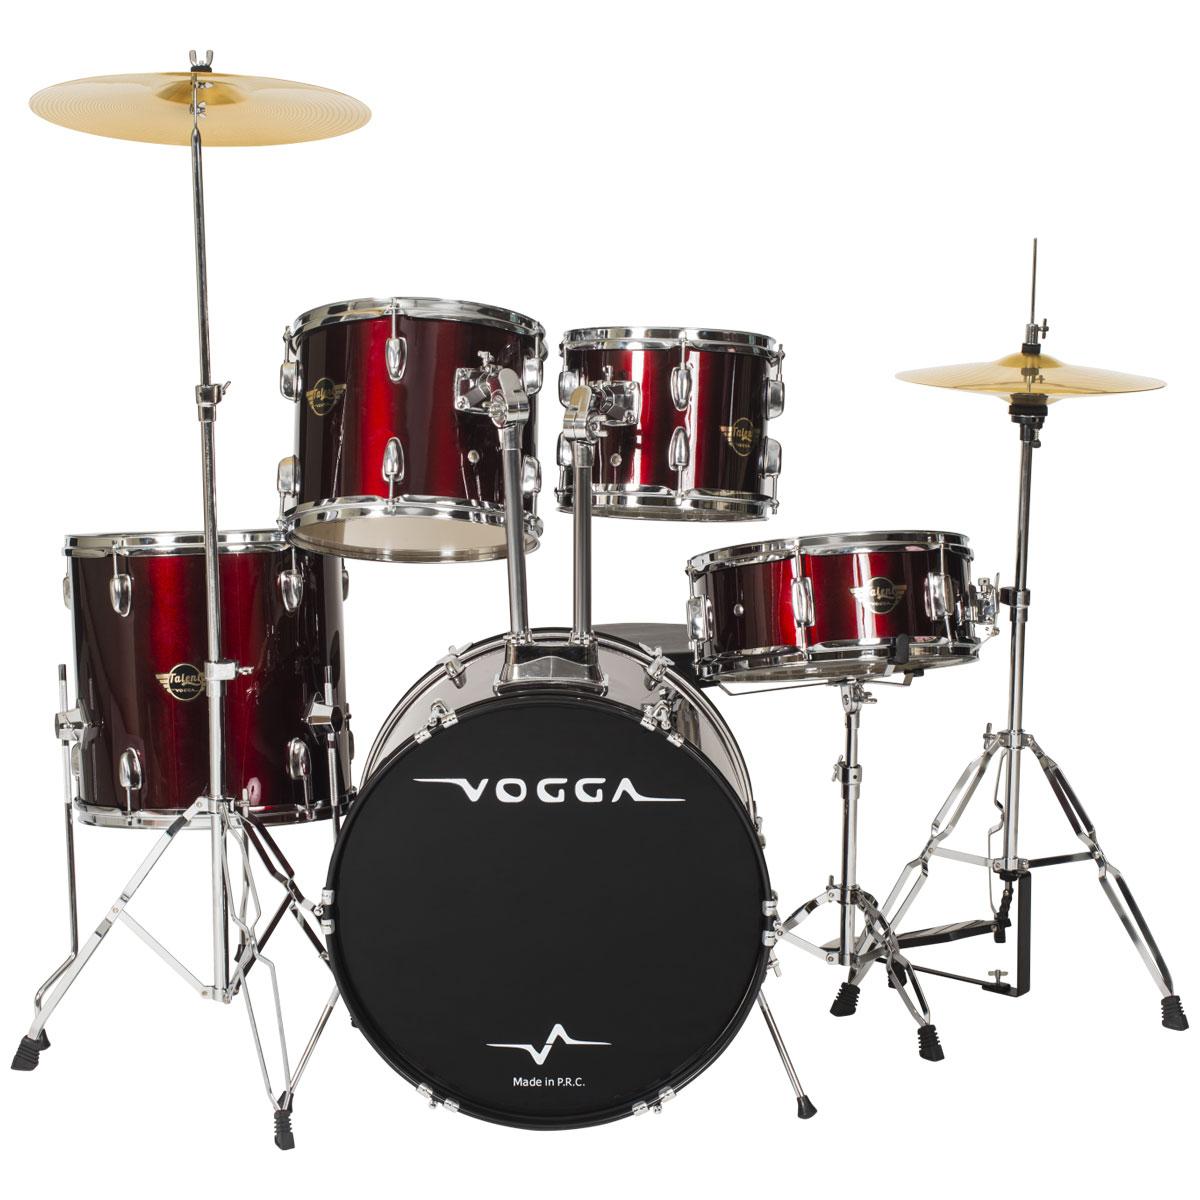 Bateria Acústica Bumbo 22 Polegadas Talent VPD922 Vinho - Vogga